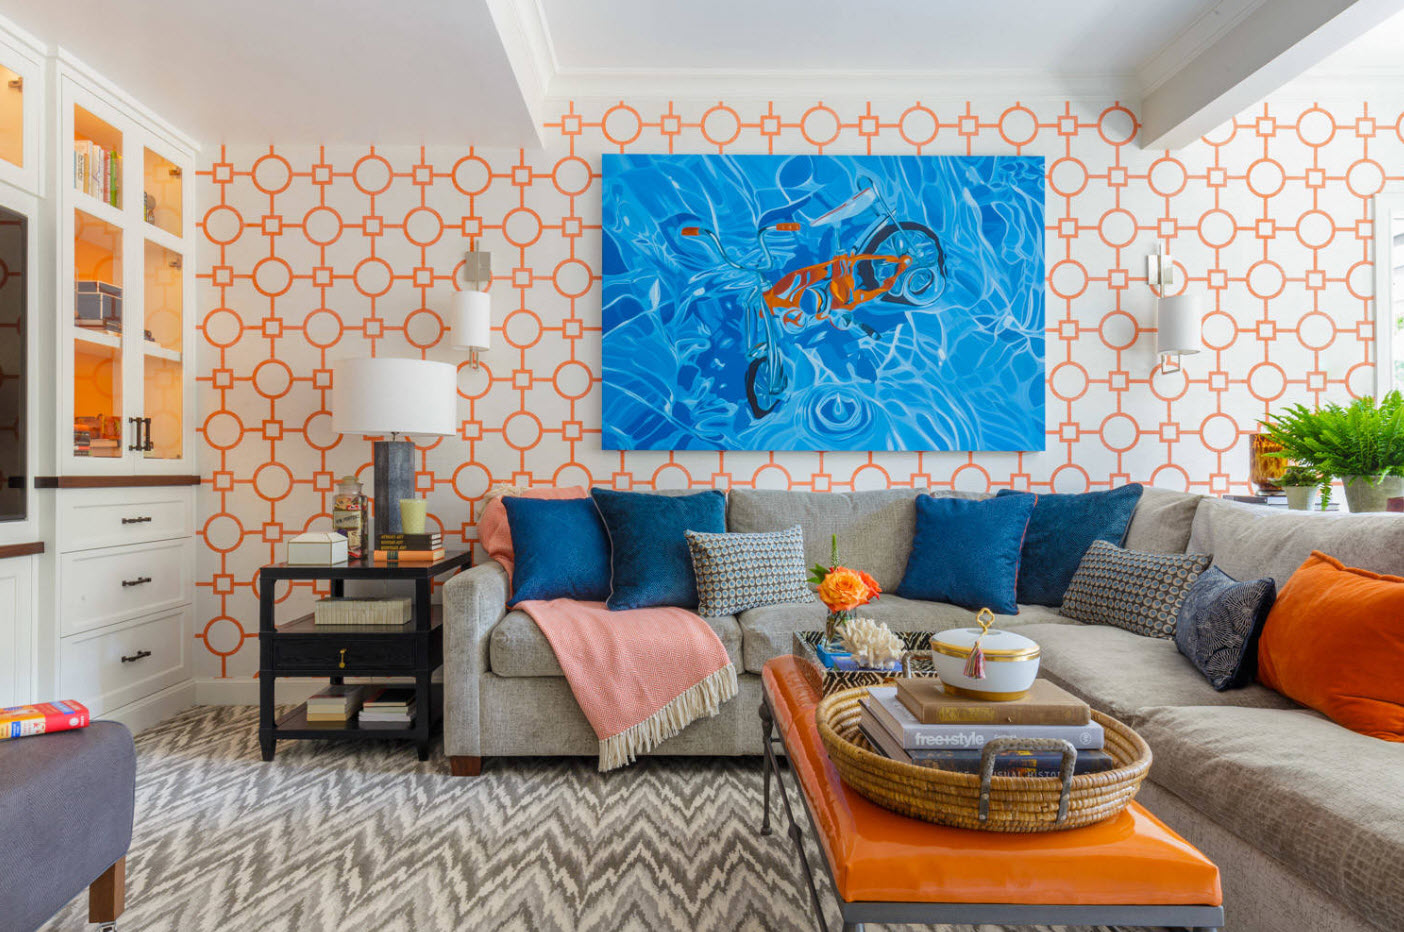 Оранжевые обои с геометрическим рисунком